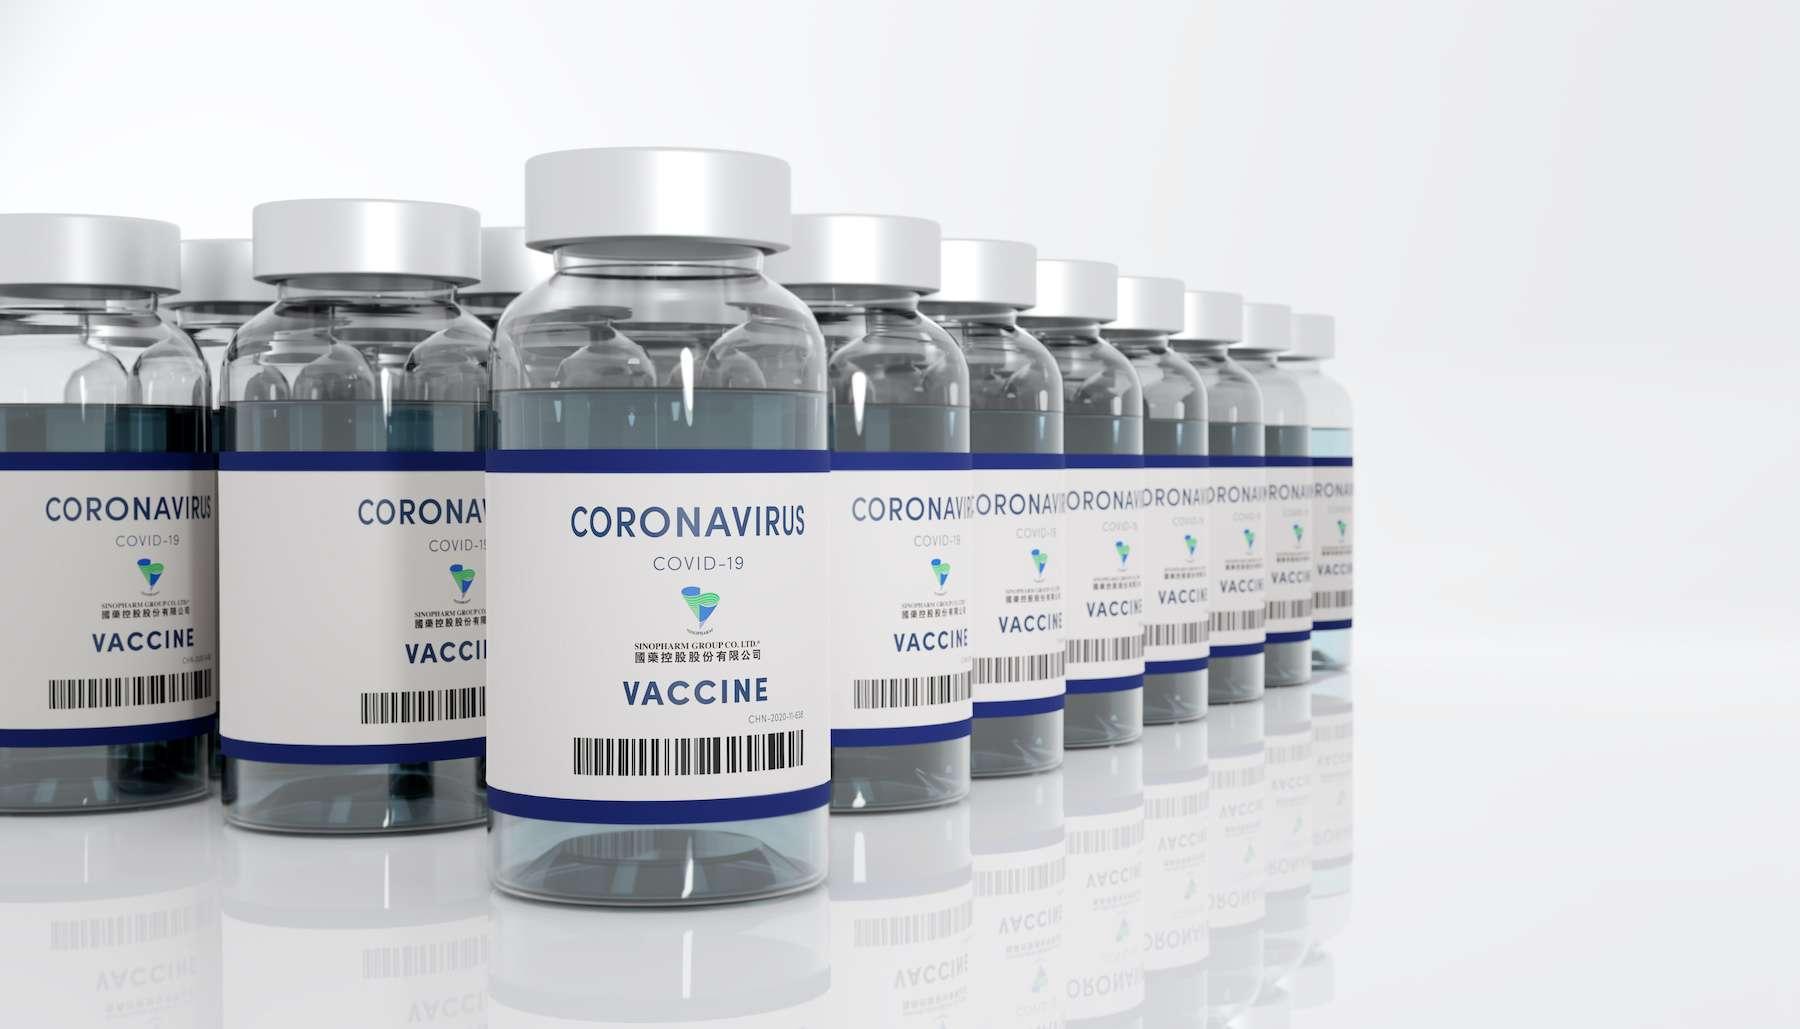 Les vaccins de Sinopharm, encore en phase d'essai clinique, ont déjà été administrés à un million de Chinois. © PhotoGranary, Adobe Stock